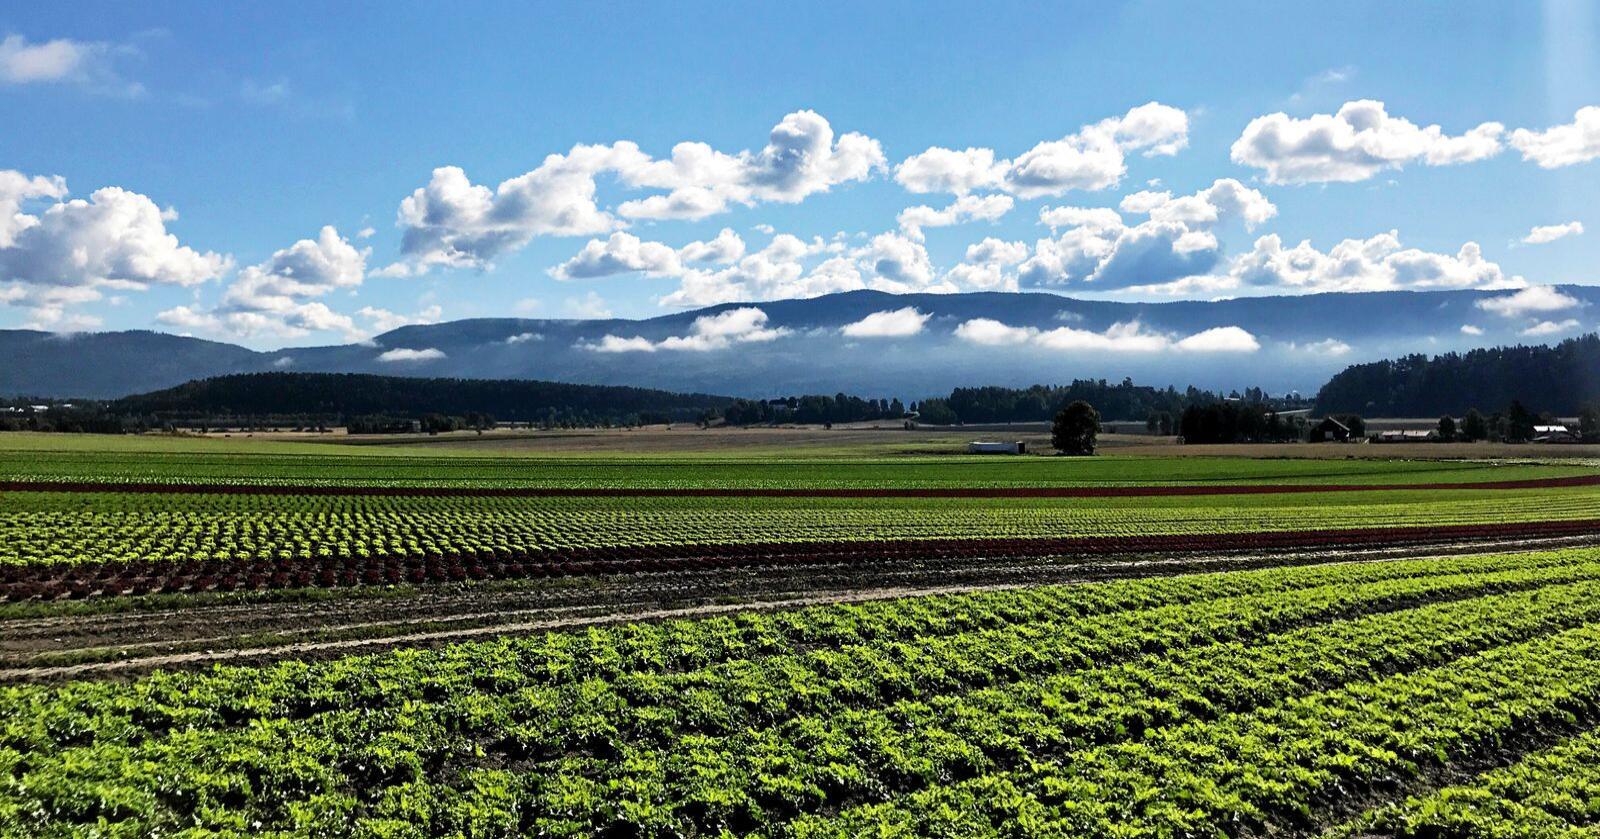 Grønnsaker. Vi jobber for å øke vår produksjon av frukt og grønt, skriver Kristina Hegge. Foto: Lars Bilit Hagen